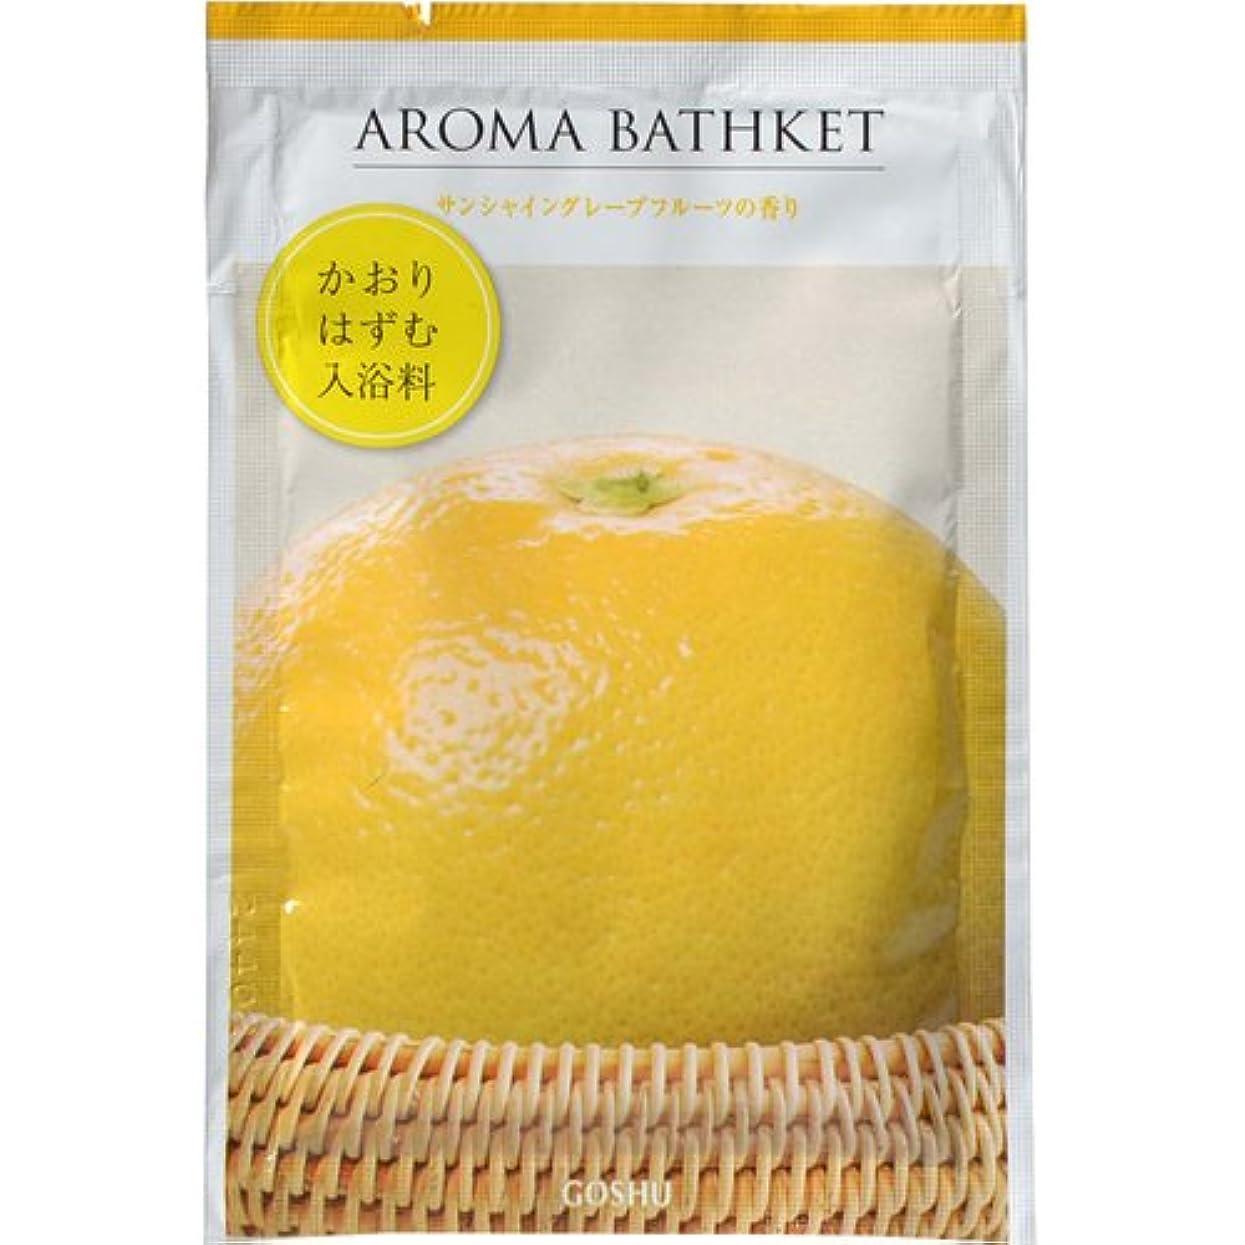 迷信エージェント雑草アロマバスケット サンシャイングレープフルーツの香り 25g